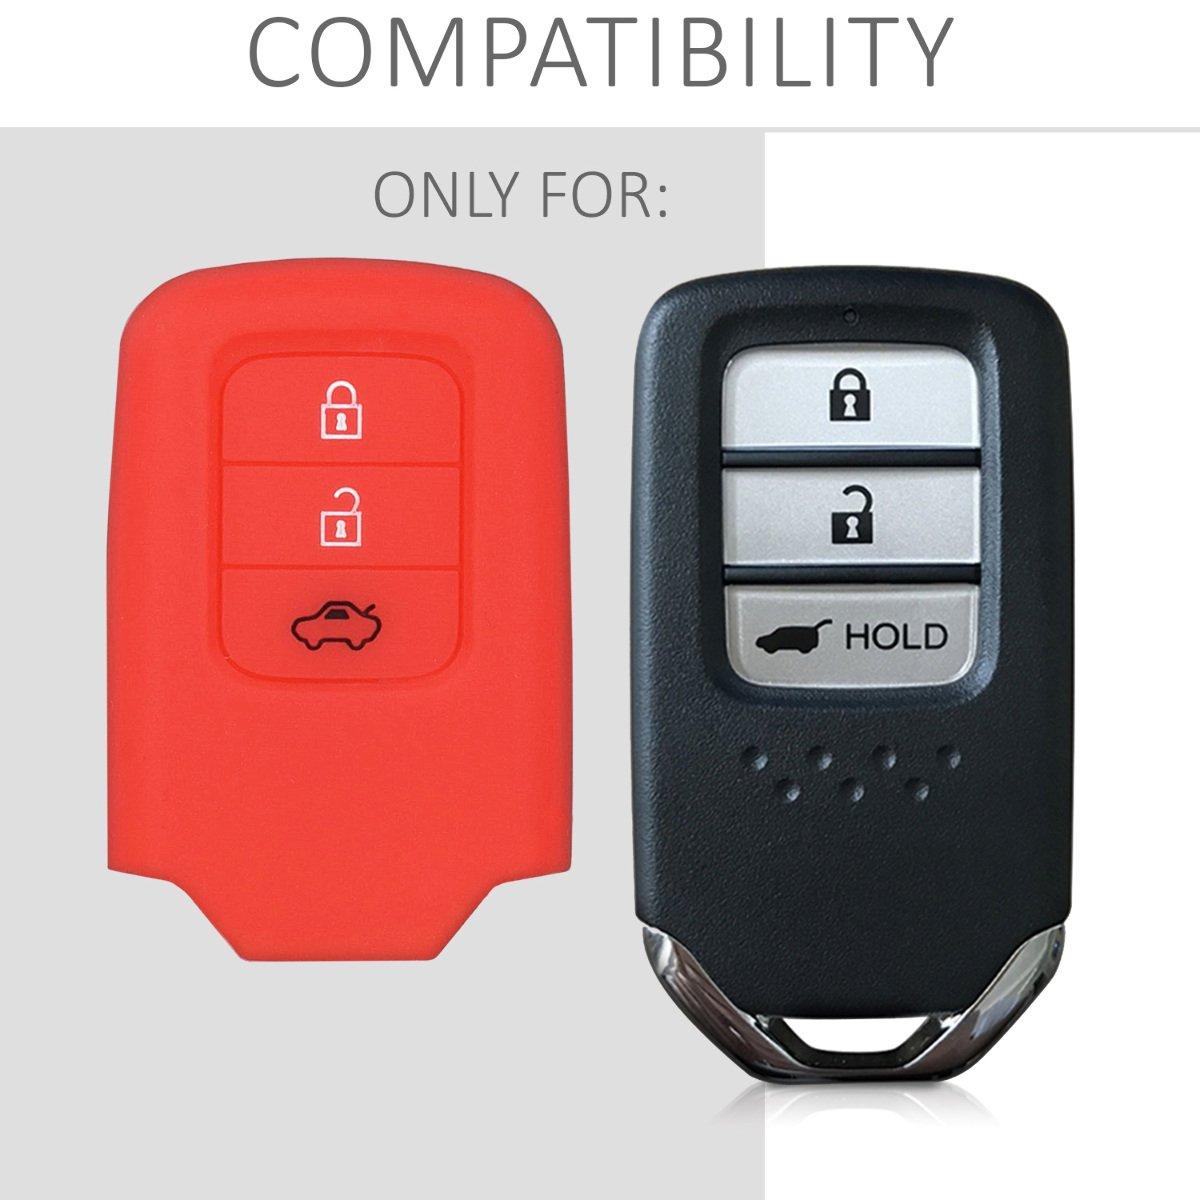 kwmobile Accessoire cl/é de Voiture pour Honda /Étui de Protection Souple Coque pour Clef de Voiture Honda 3-Bouton en Silicone Noir Keyless Uniquement